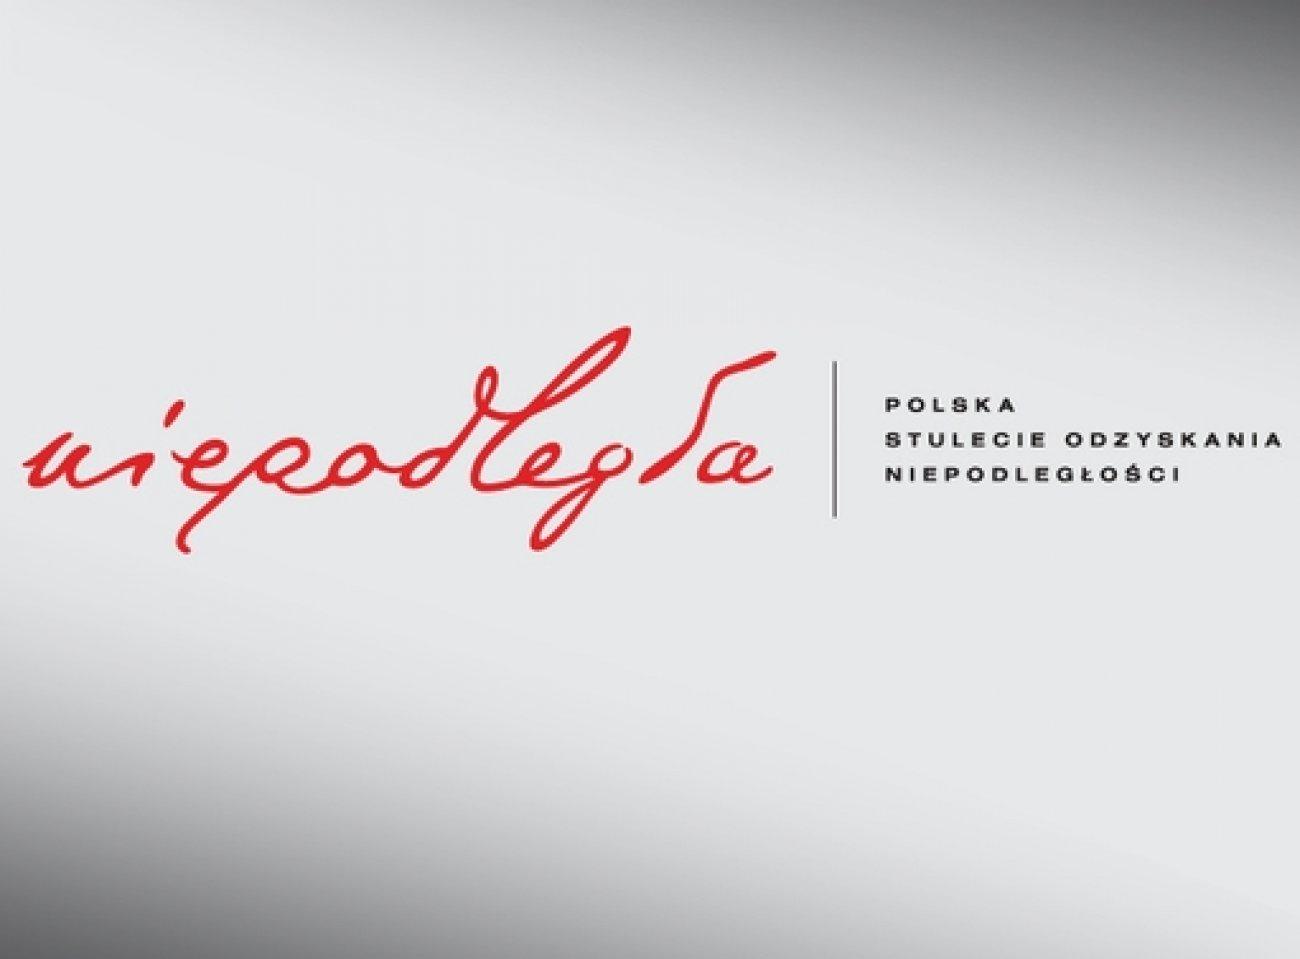 Projekt niepoległa.pl - Polska w stulecie odzyskania niepodlłości - logo